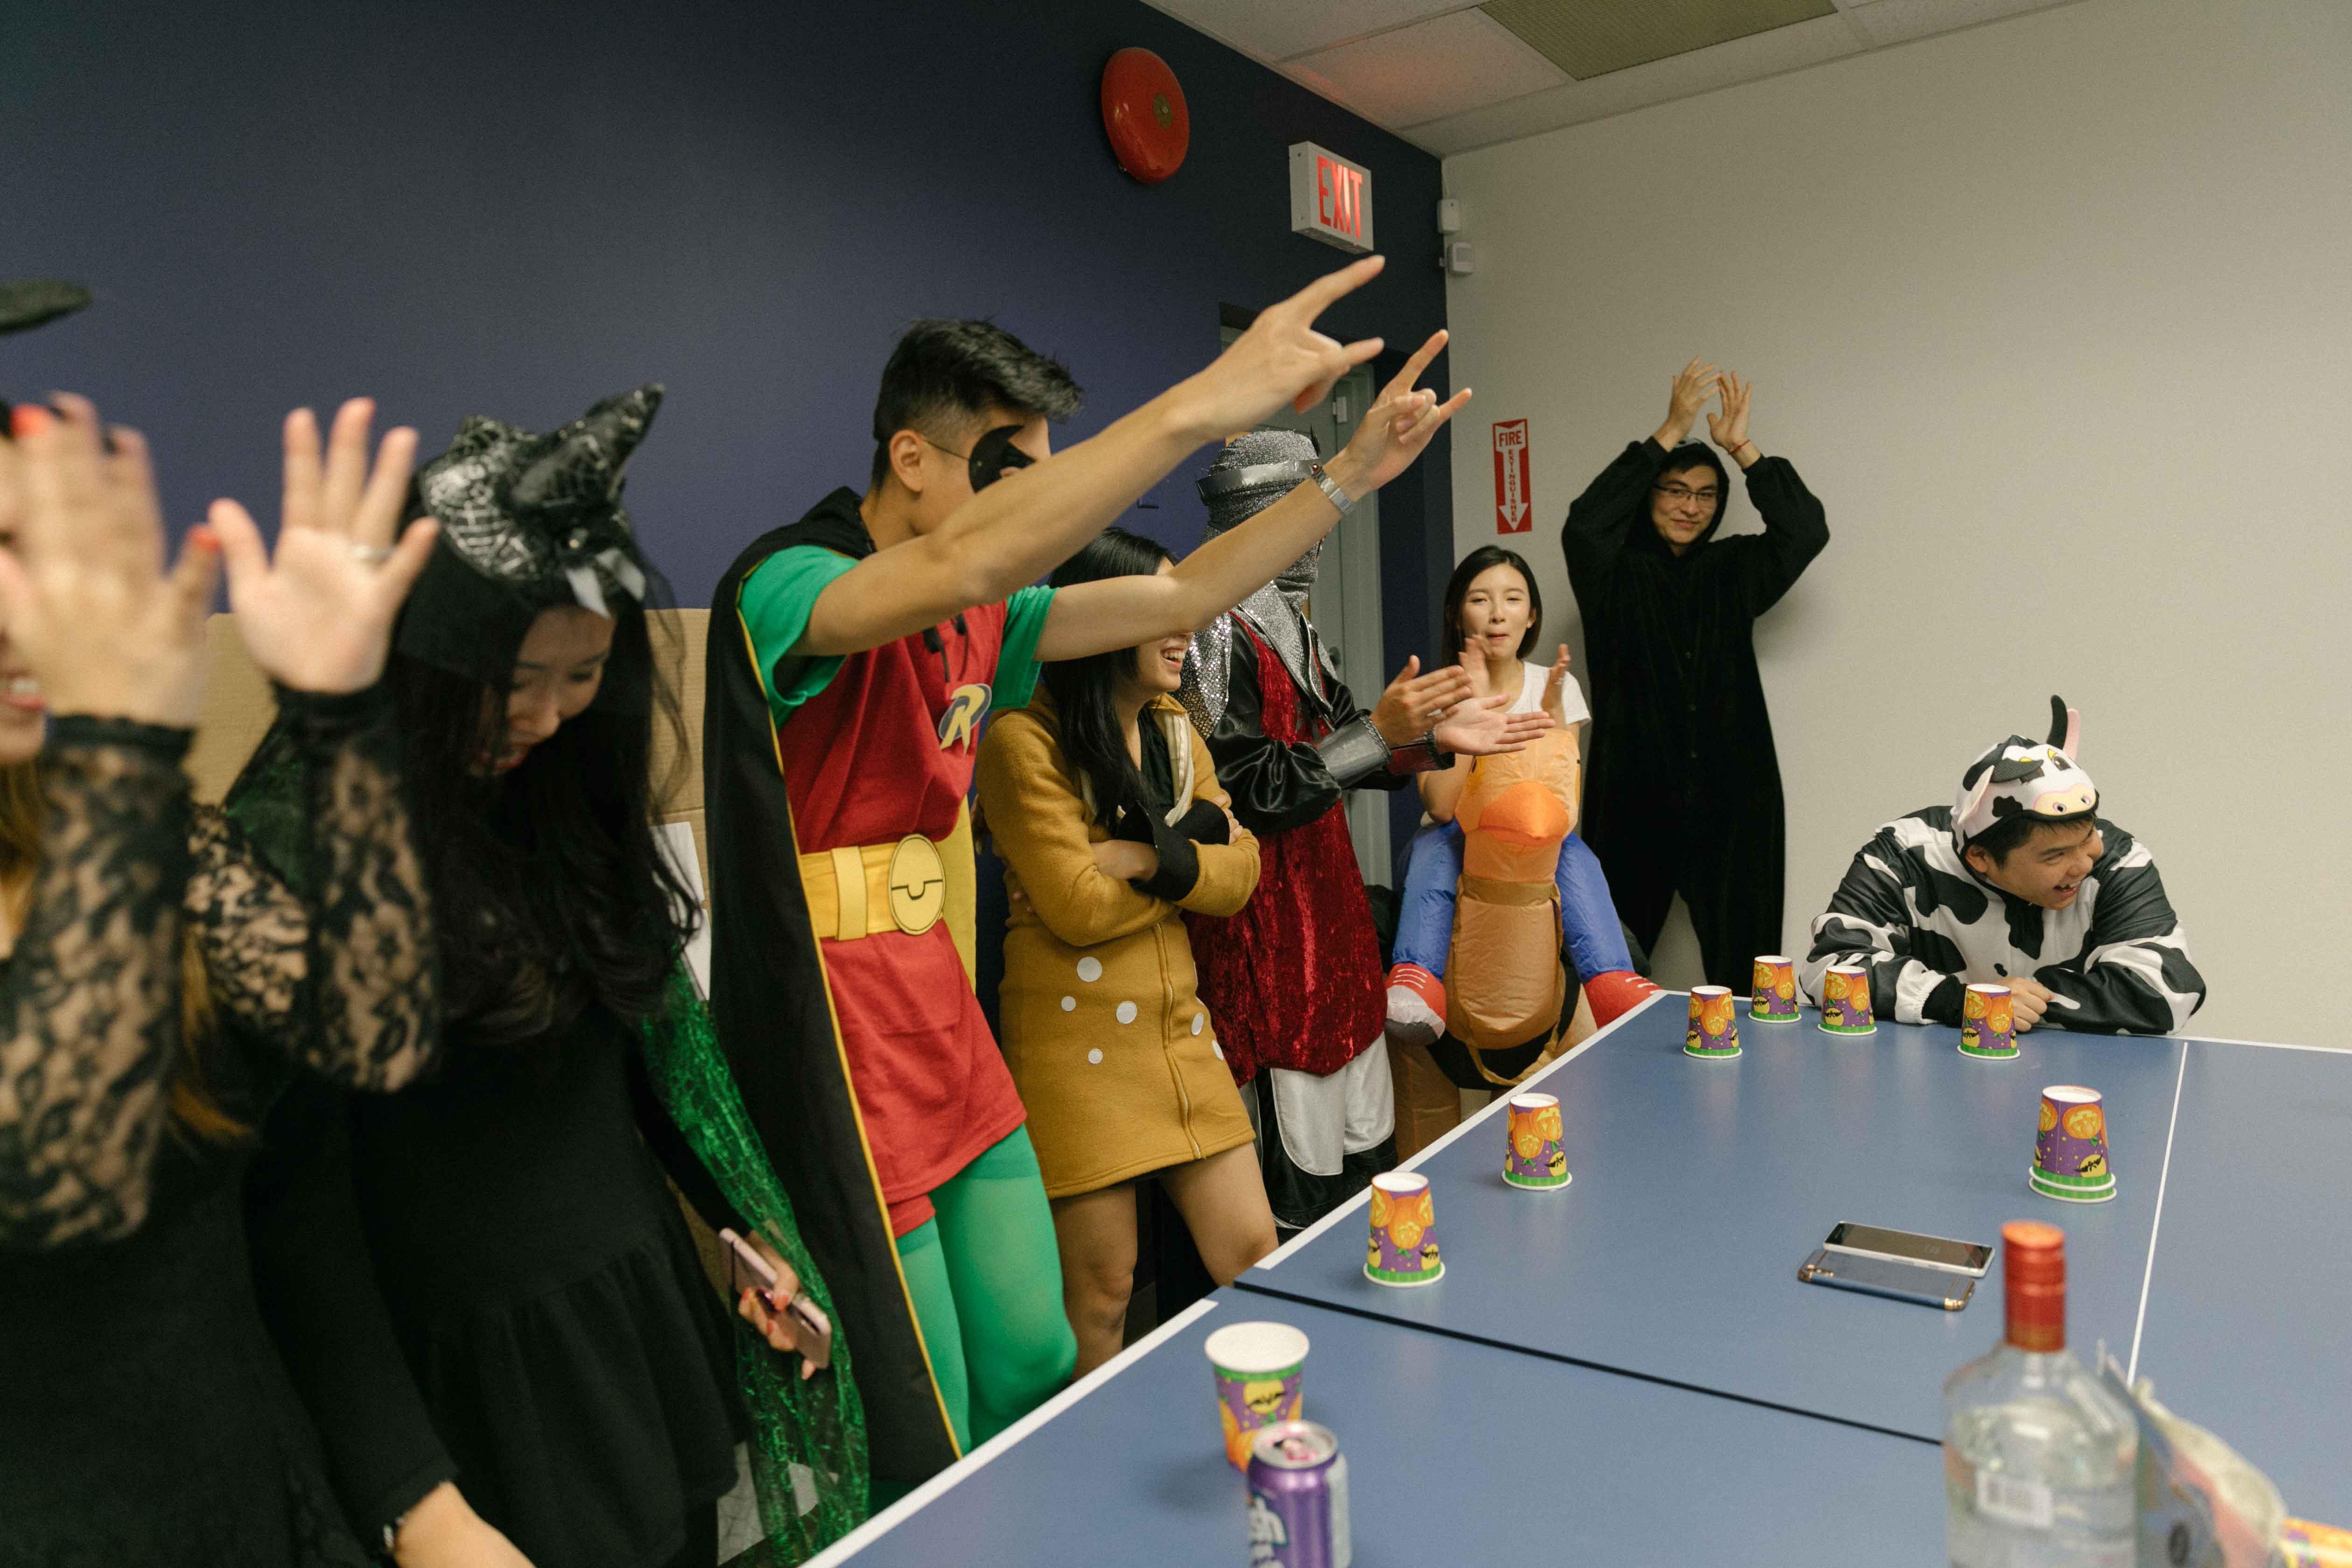 Company Halloween party